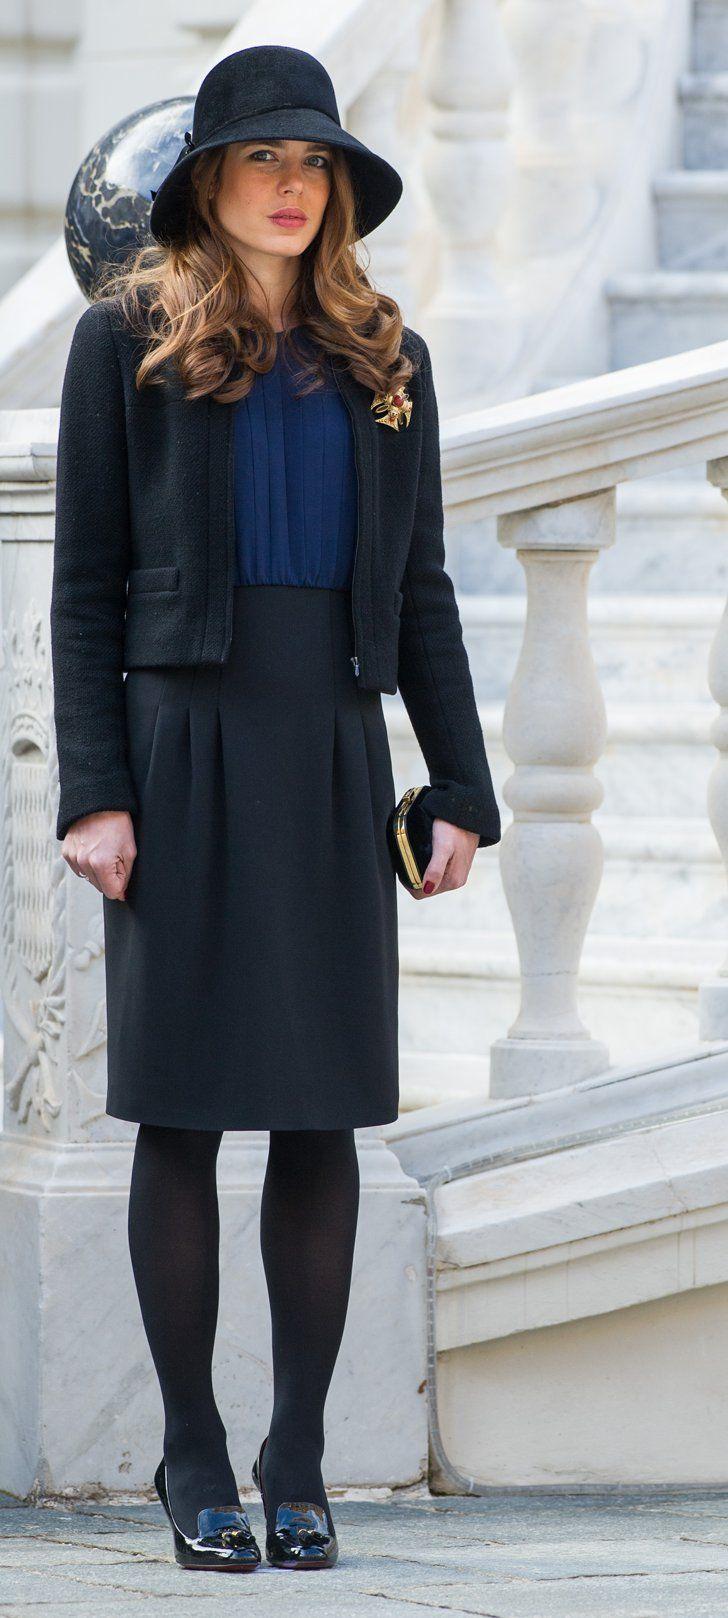 Pin for Later: Les 44 Secrets Mode de Charlotte Casiraghi, la Muse Royale de Karl Lagerfeld Charlotte Sait Comment Mélanger le Bleu et le Navy